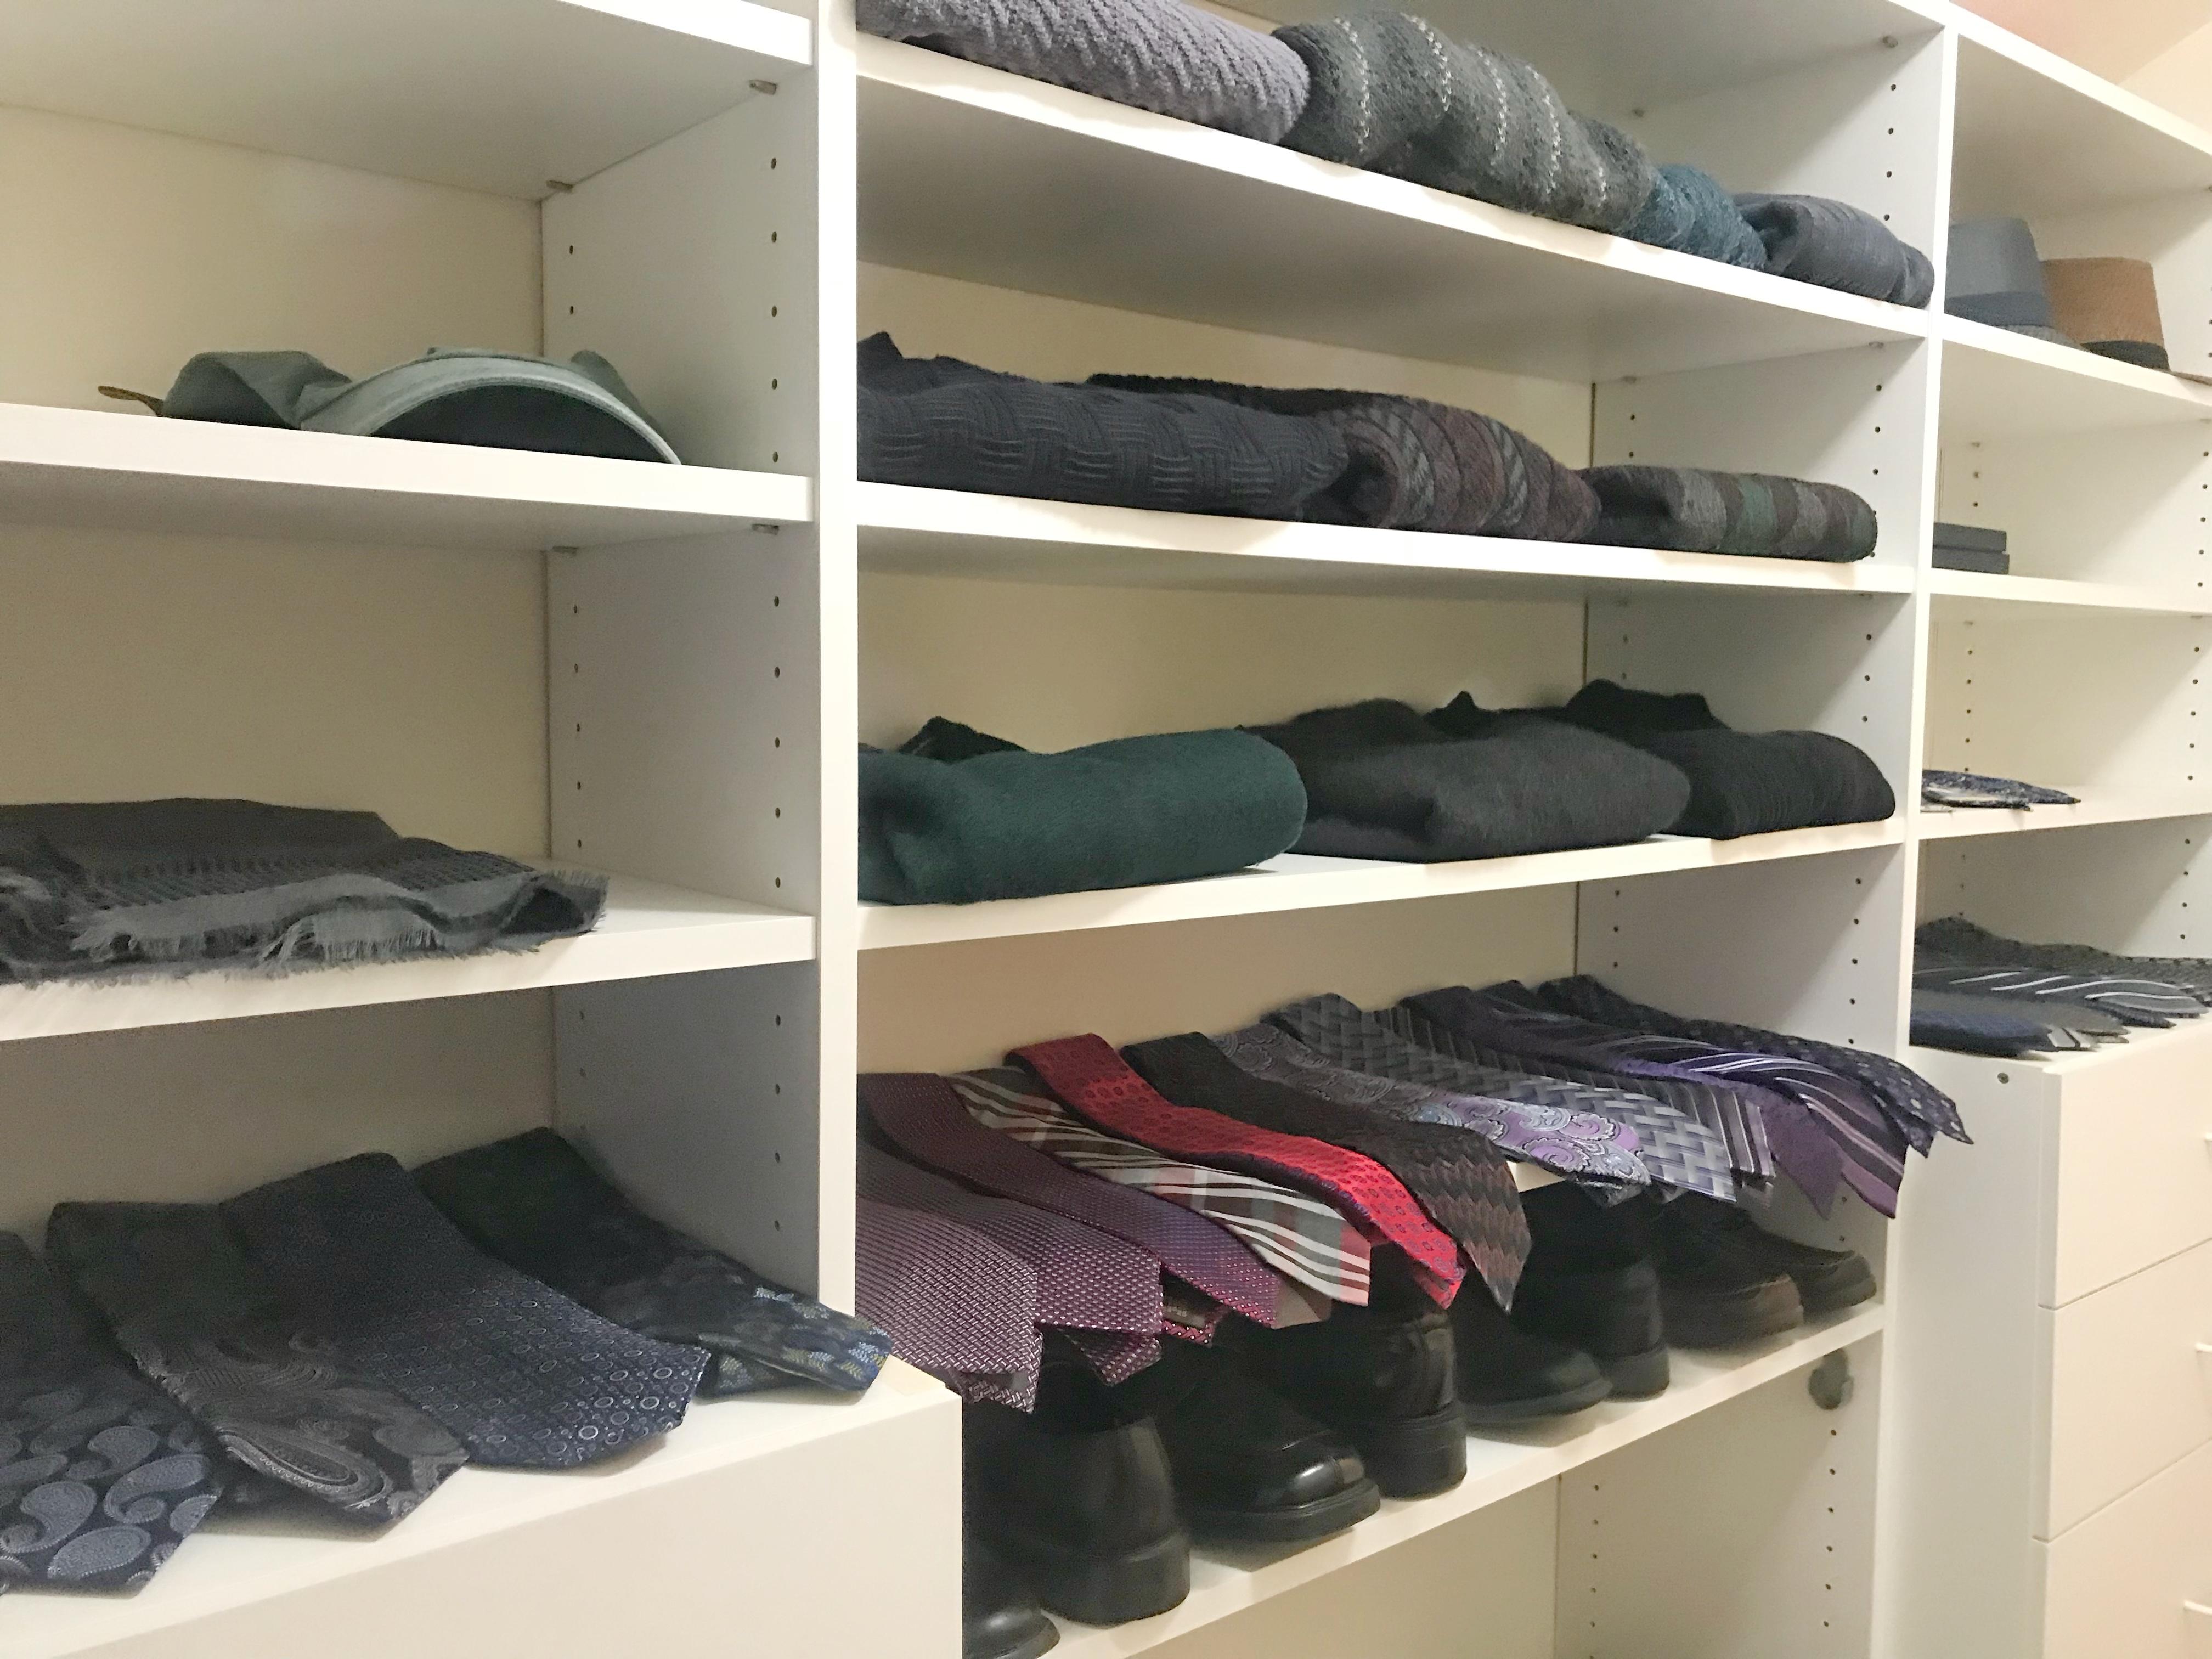 Men's closet makeover, men's closet design, men's closet edit, men's shelves for sweaters, ties, scarves, and shoes